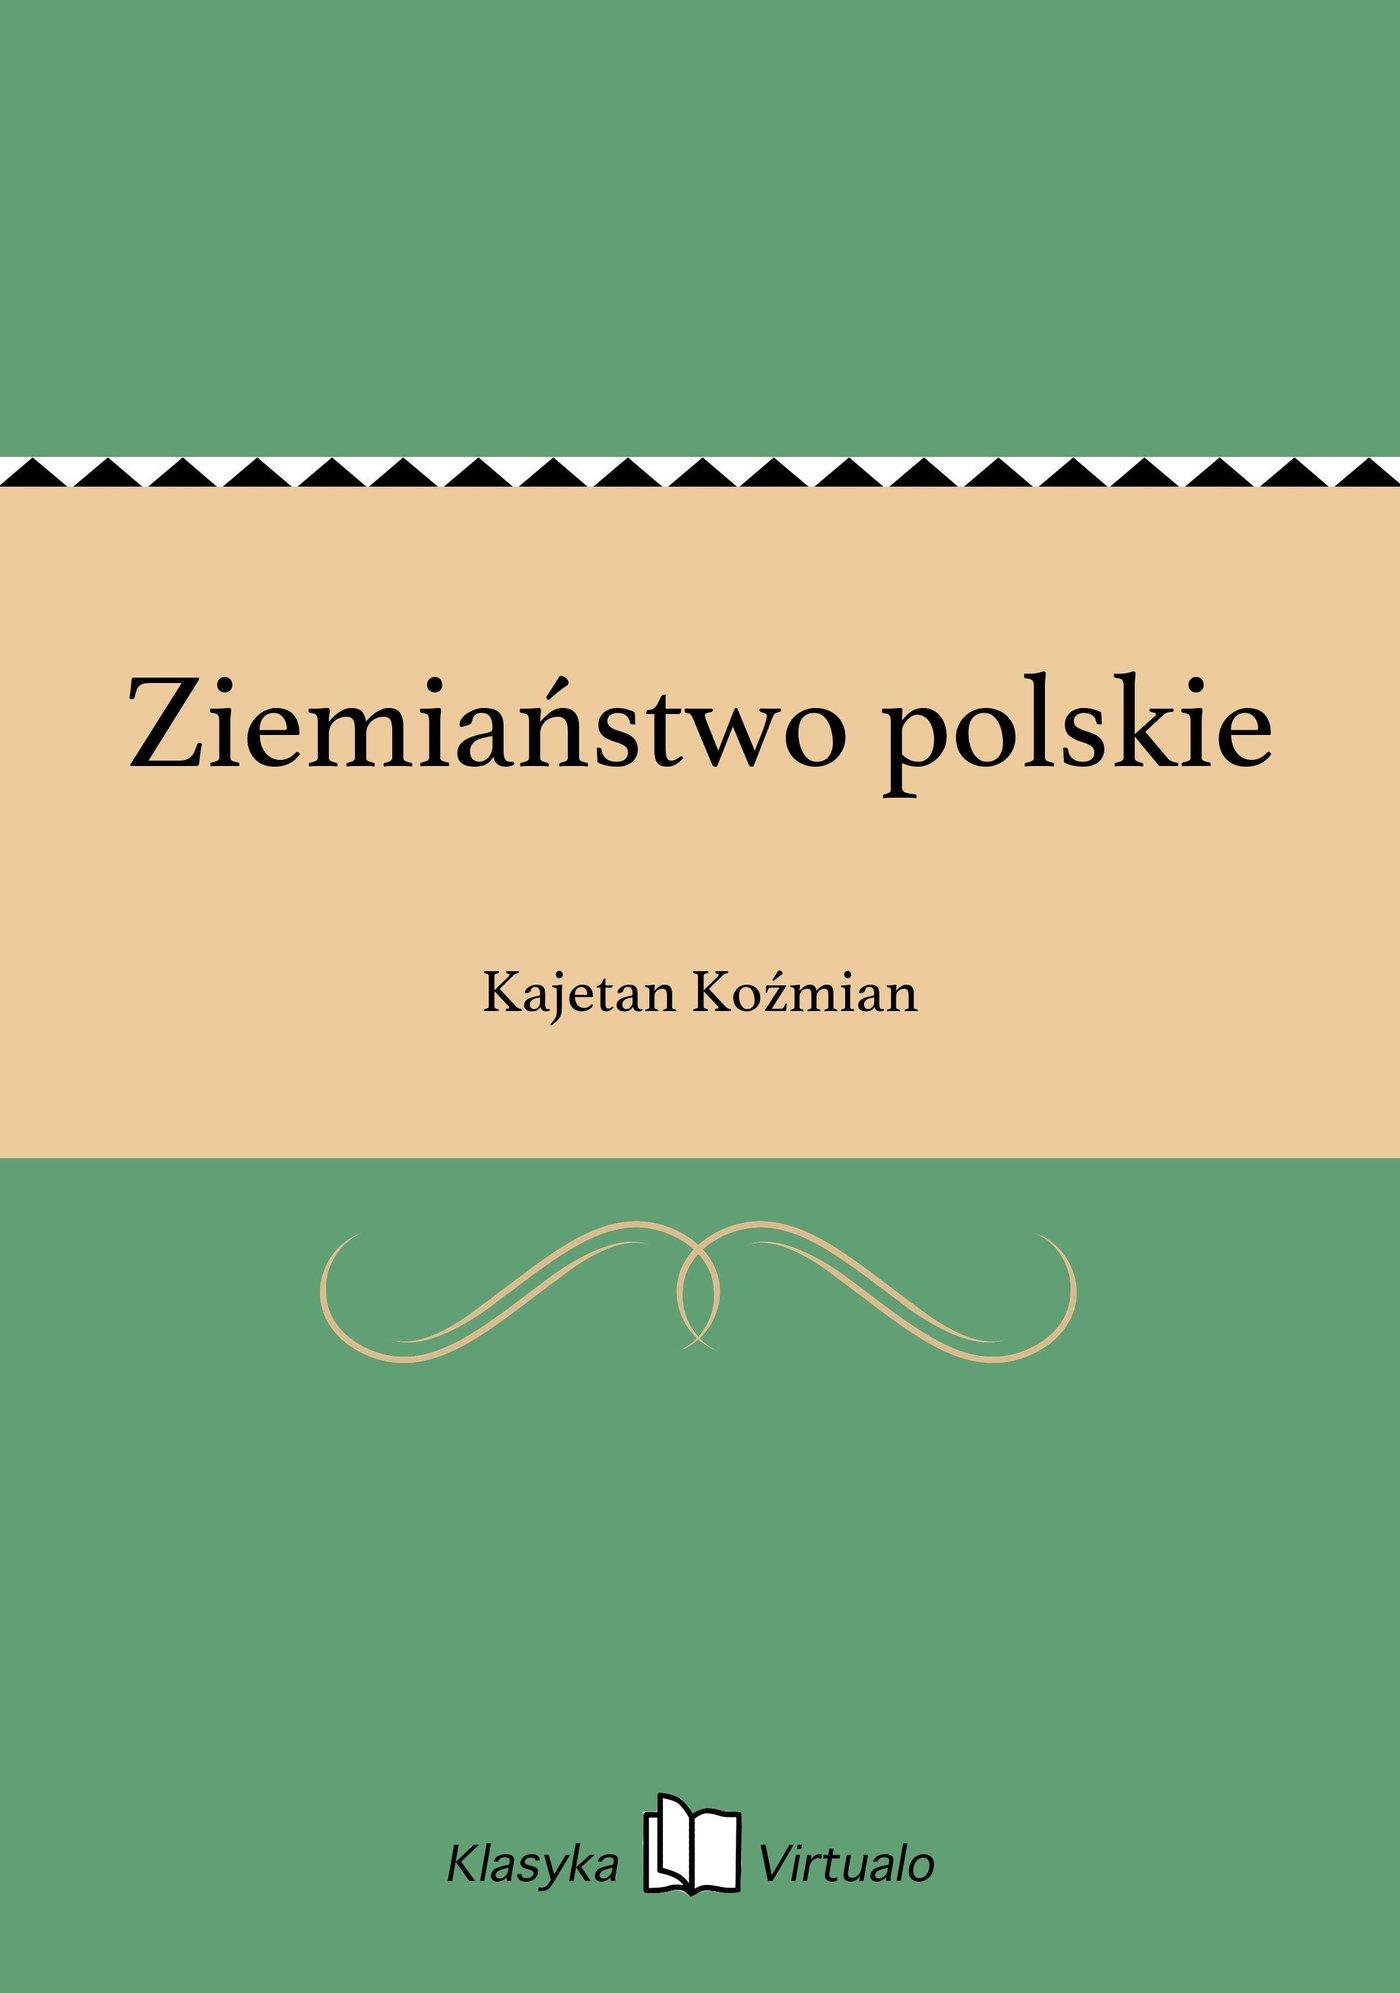 Ziemiaństwo polskie - Ebook (Książka na Kindle) do pobrania w formacie MOBI